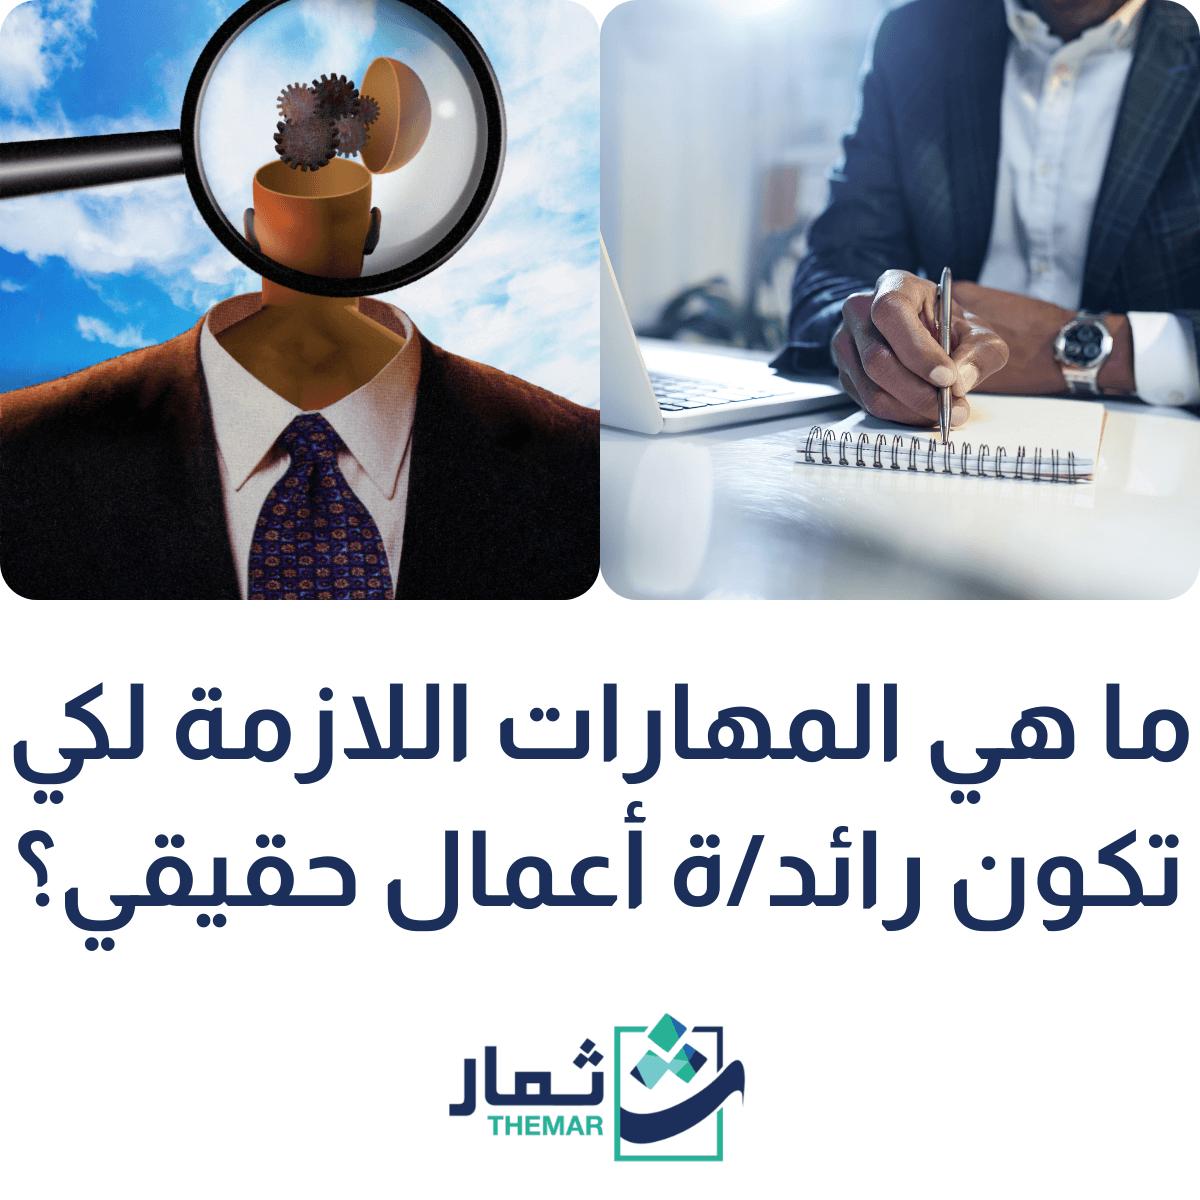 المهارات الأساسية لرواد الأعمال